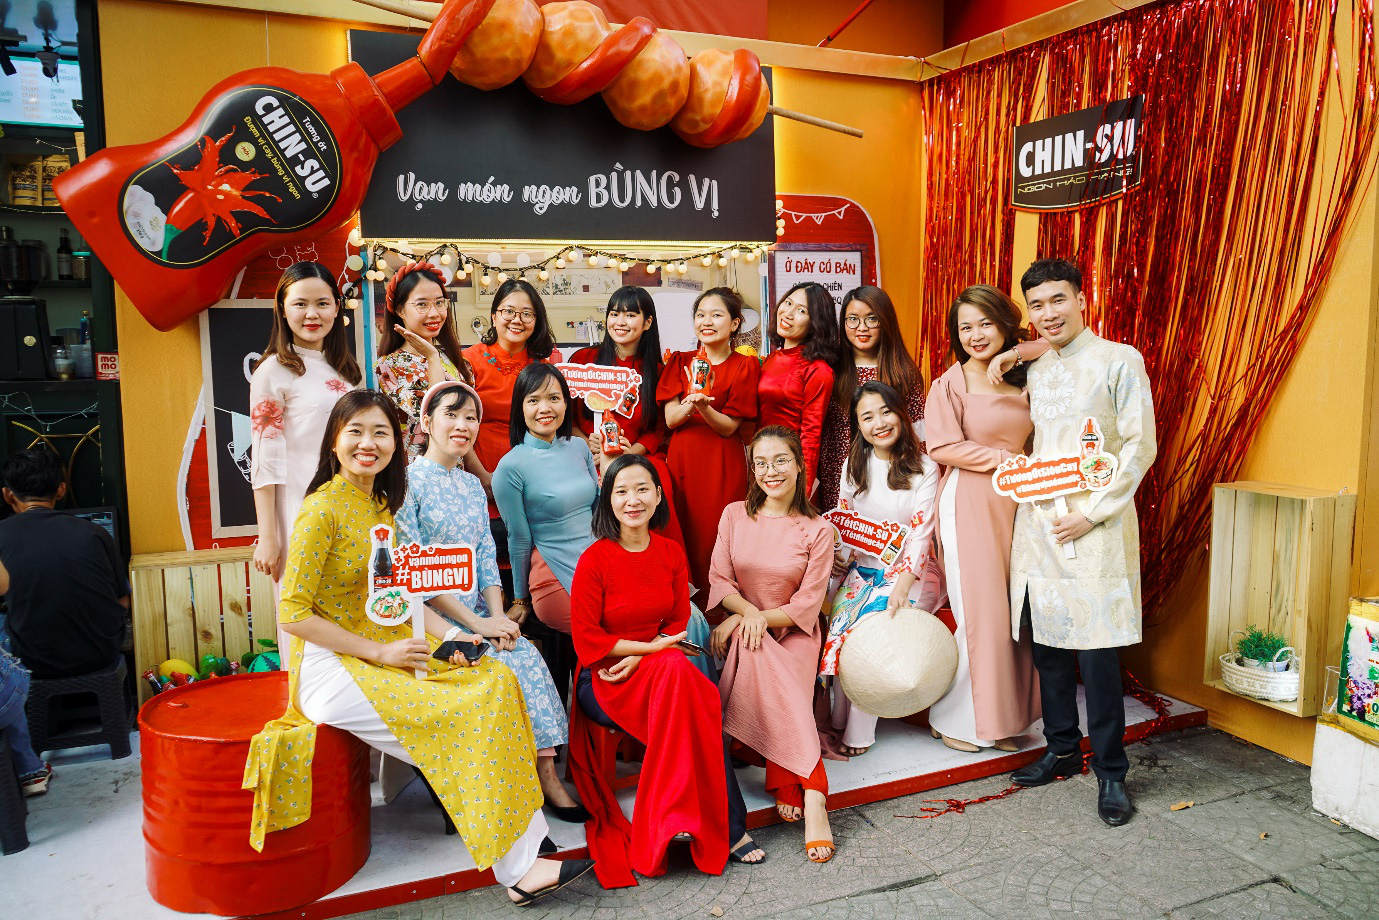 Xuýt xoa với loạt ảnh hot girl Mắt Biếc check-in với các siêu phẩm siêu to khổng lồ tại Góc Phố Xuân 2020 - Ảnh 7.